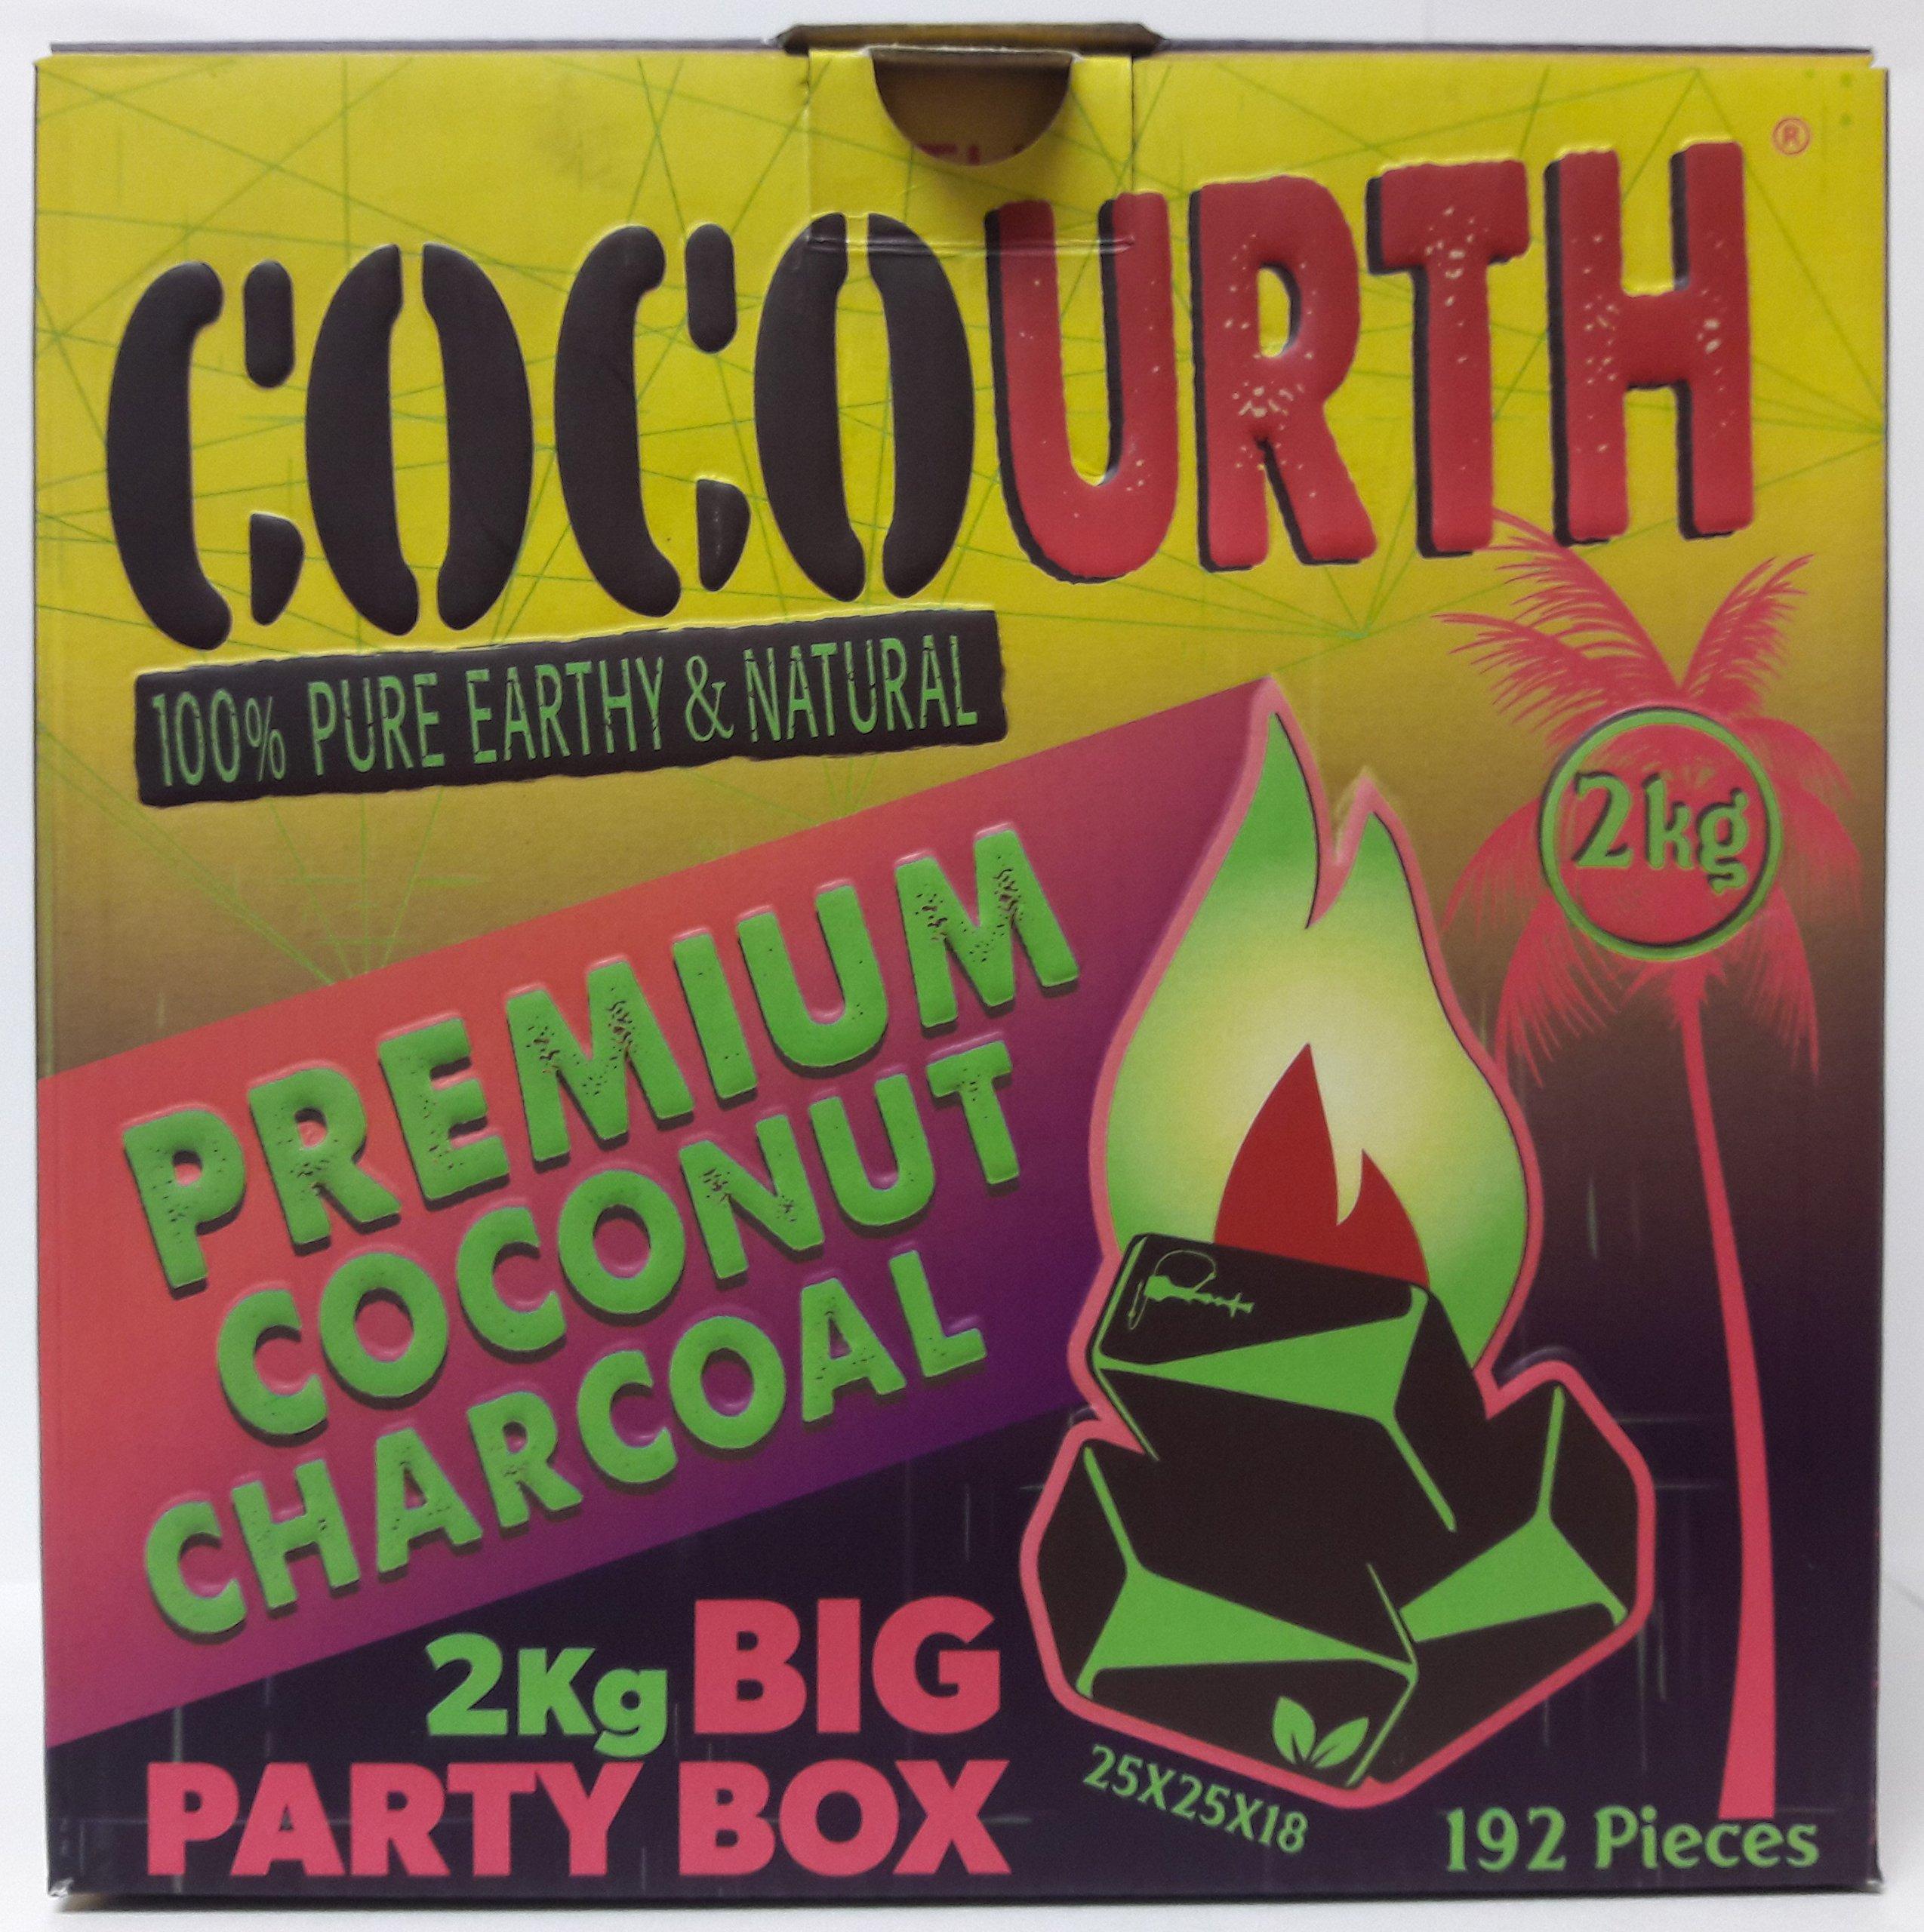 Hookah Natural Coconut Charcoal 192 Pieces FLATS Coco Urth 2 Kilo Shisha Coal PARTY BOX